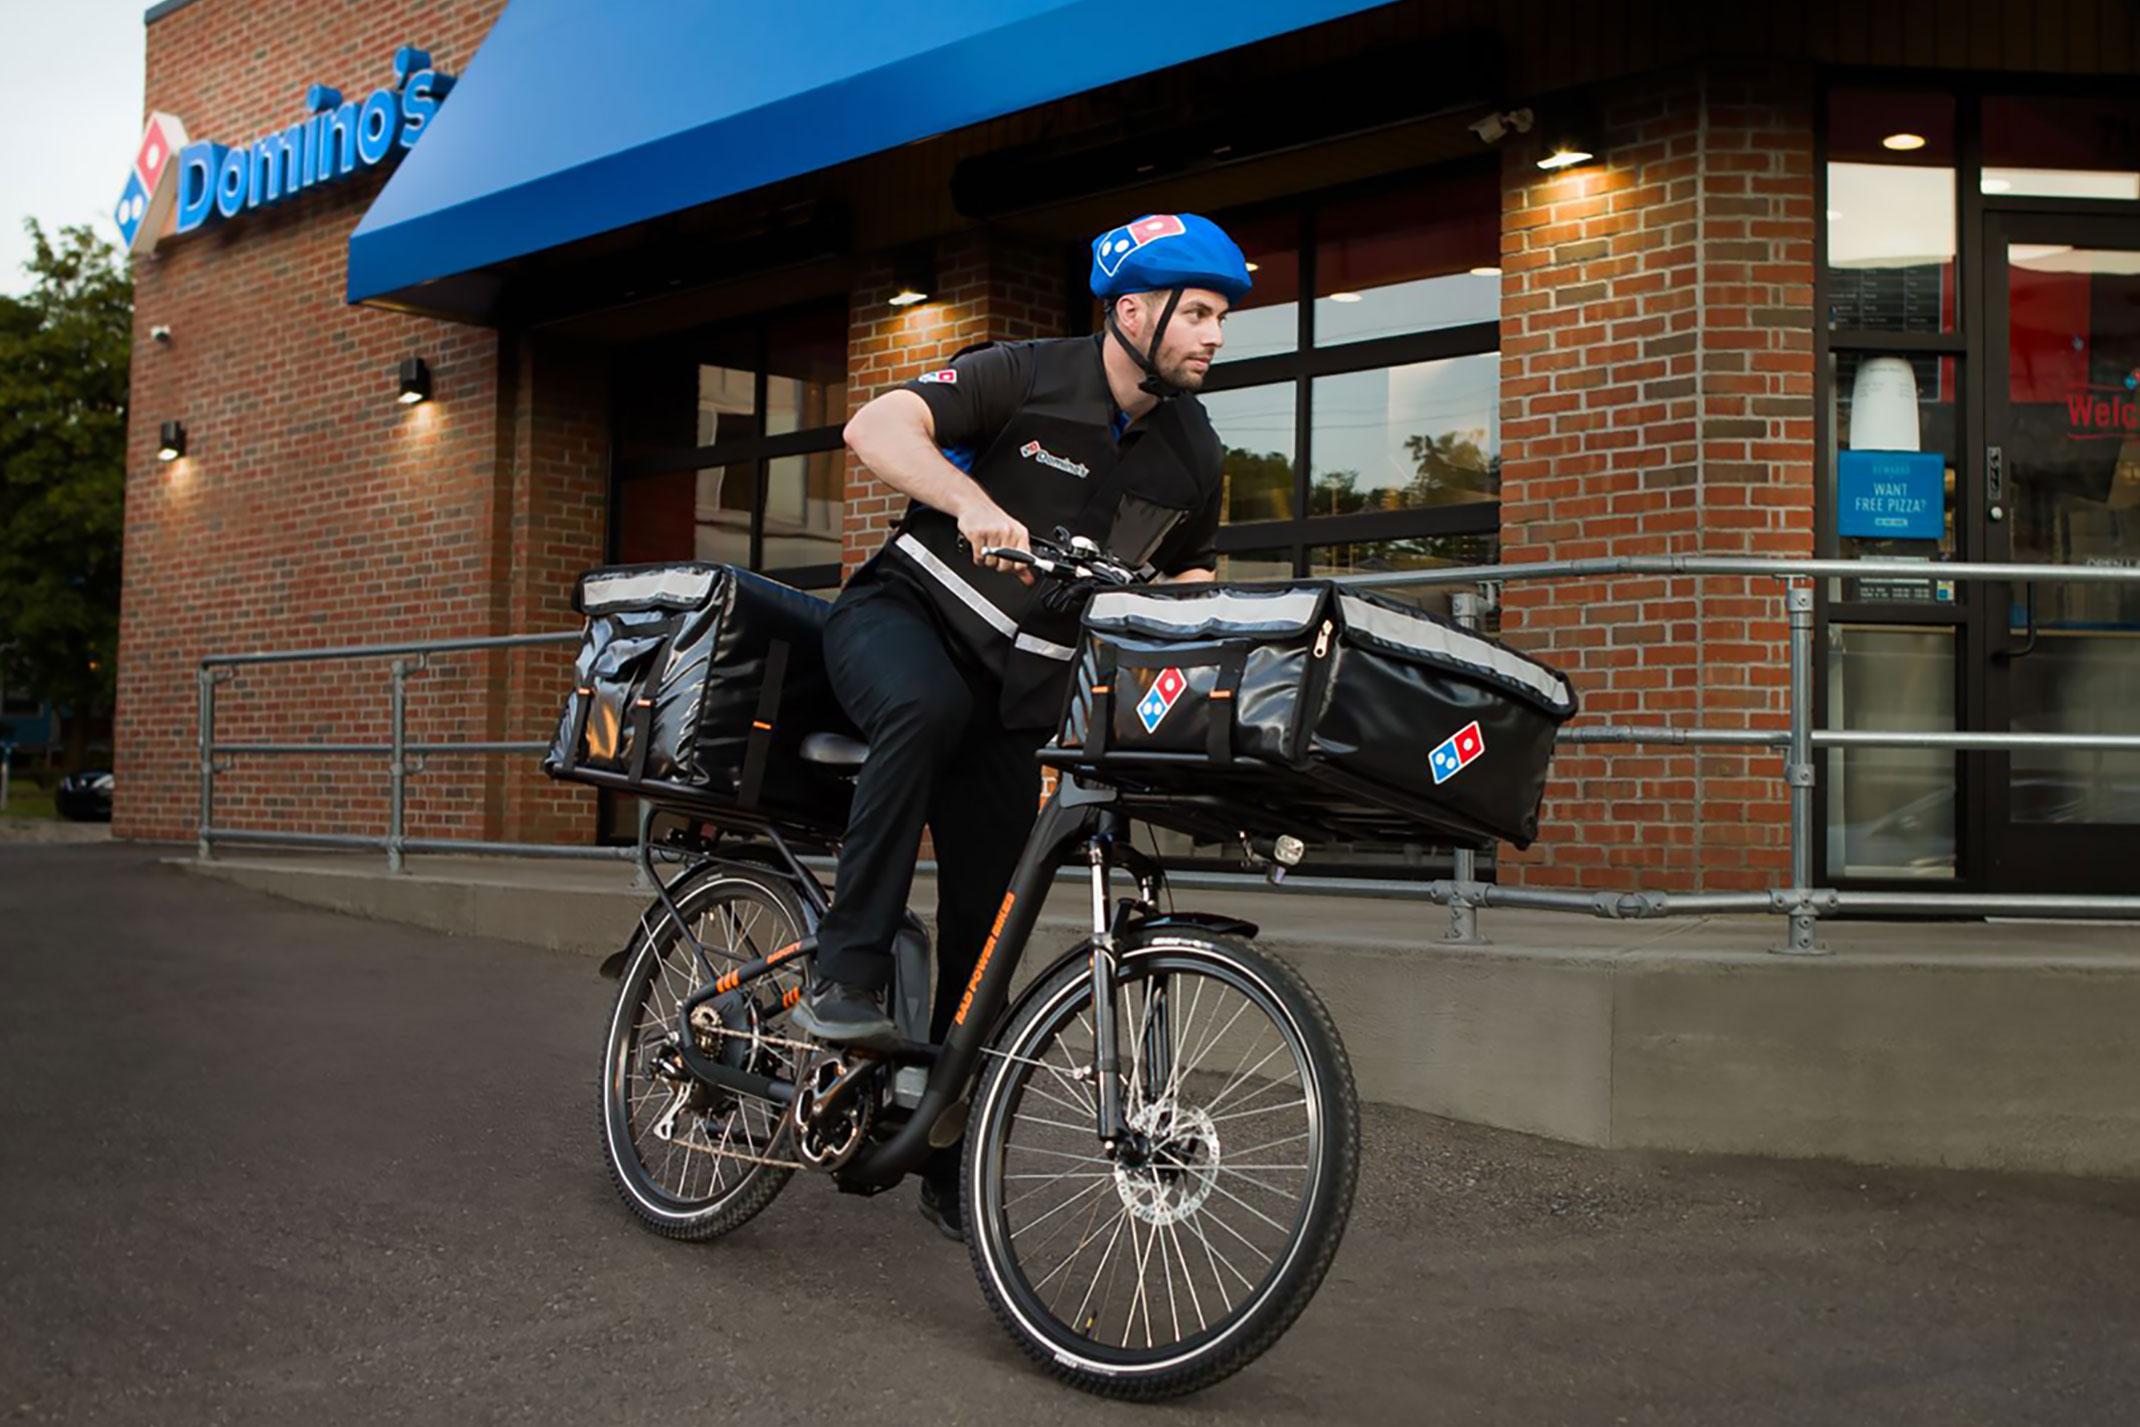 Domino's Pizza bike delivery